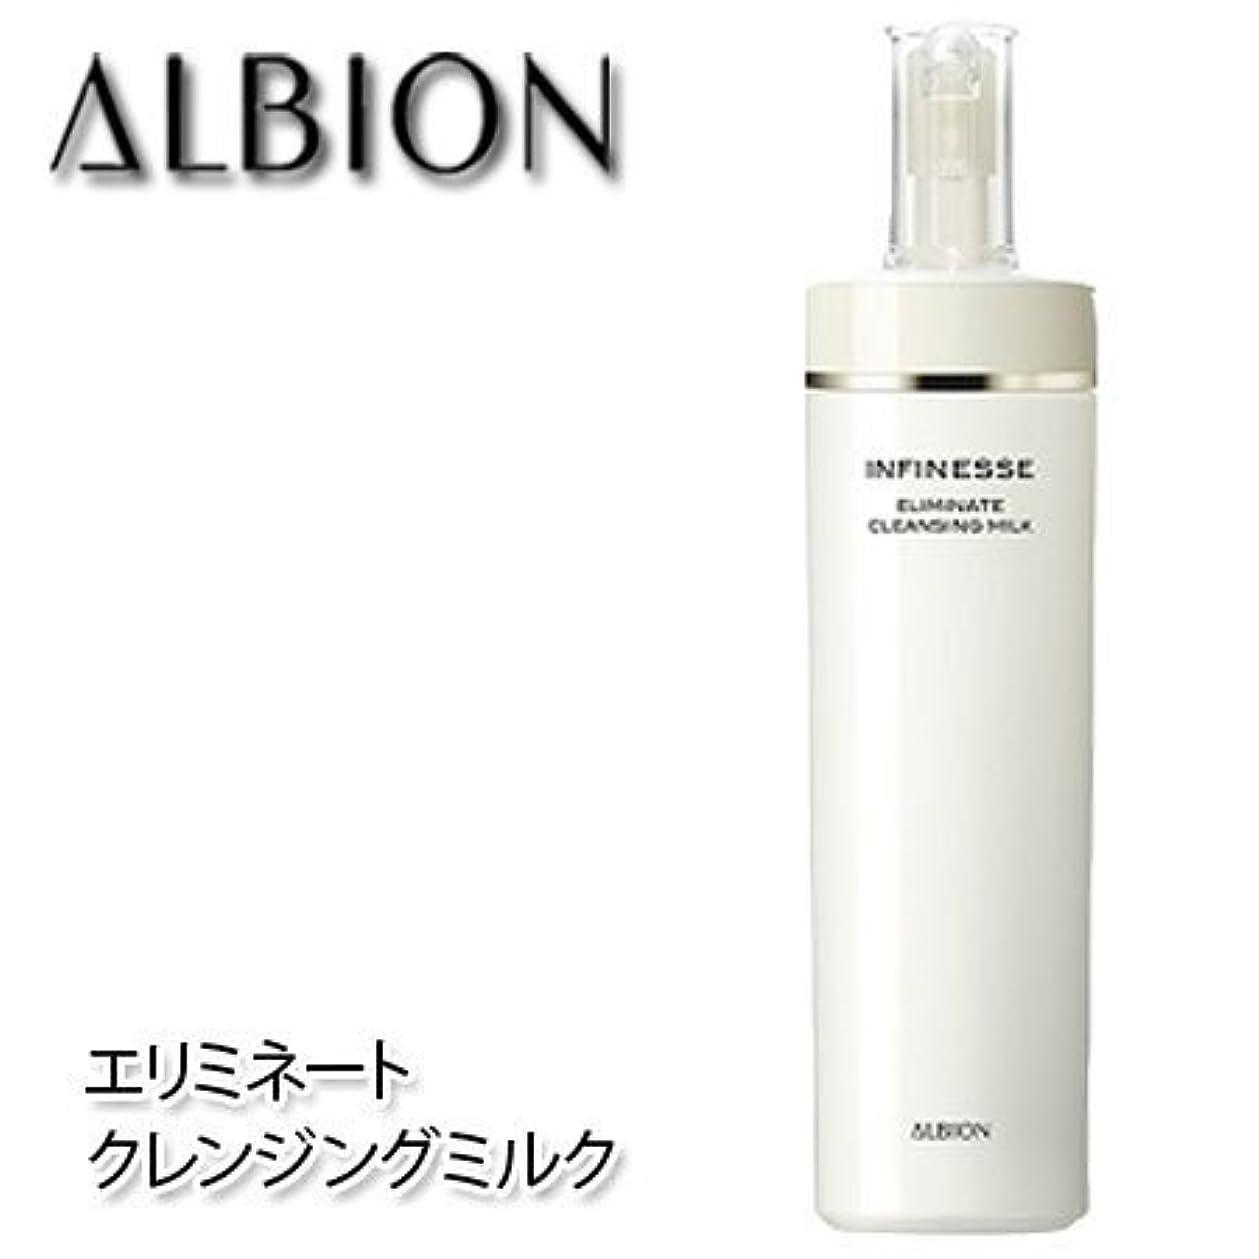 自動車コンパクト命令アルビオン アンフィネス エリミネート クレンジングミルク 200g-ALBION-